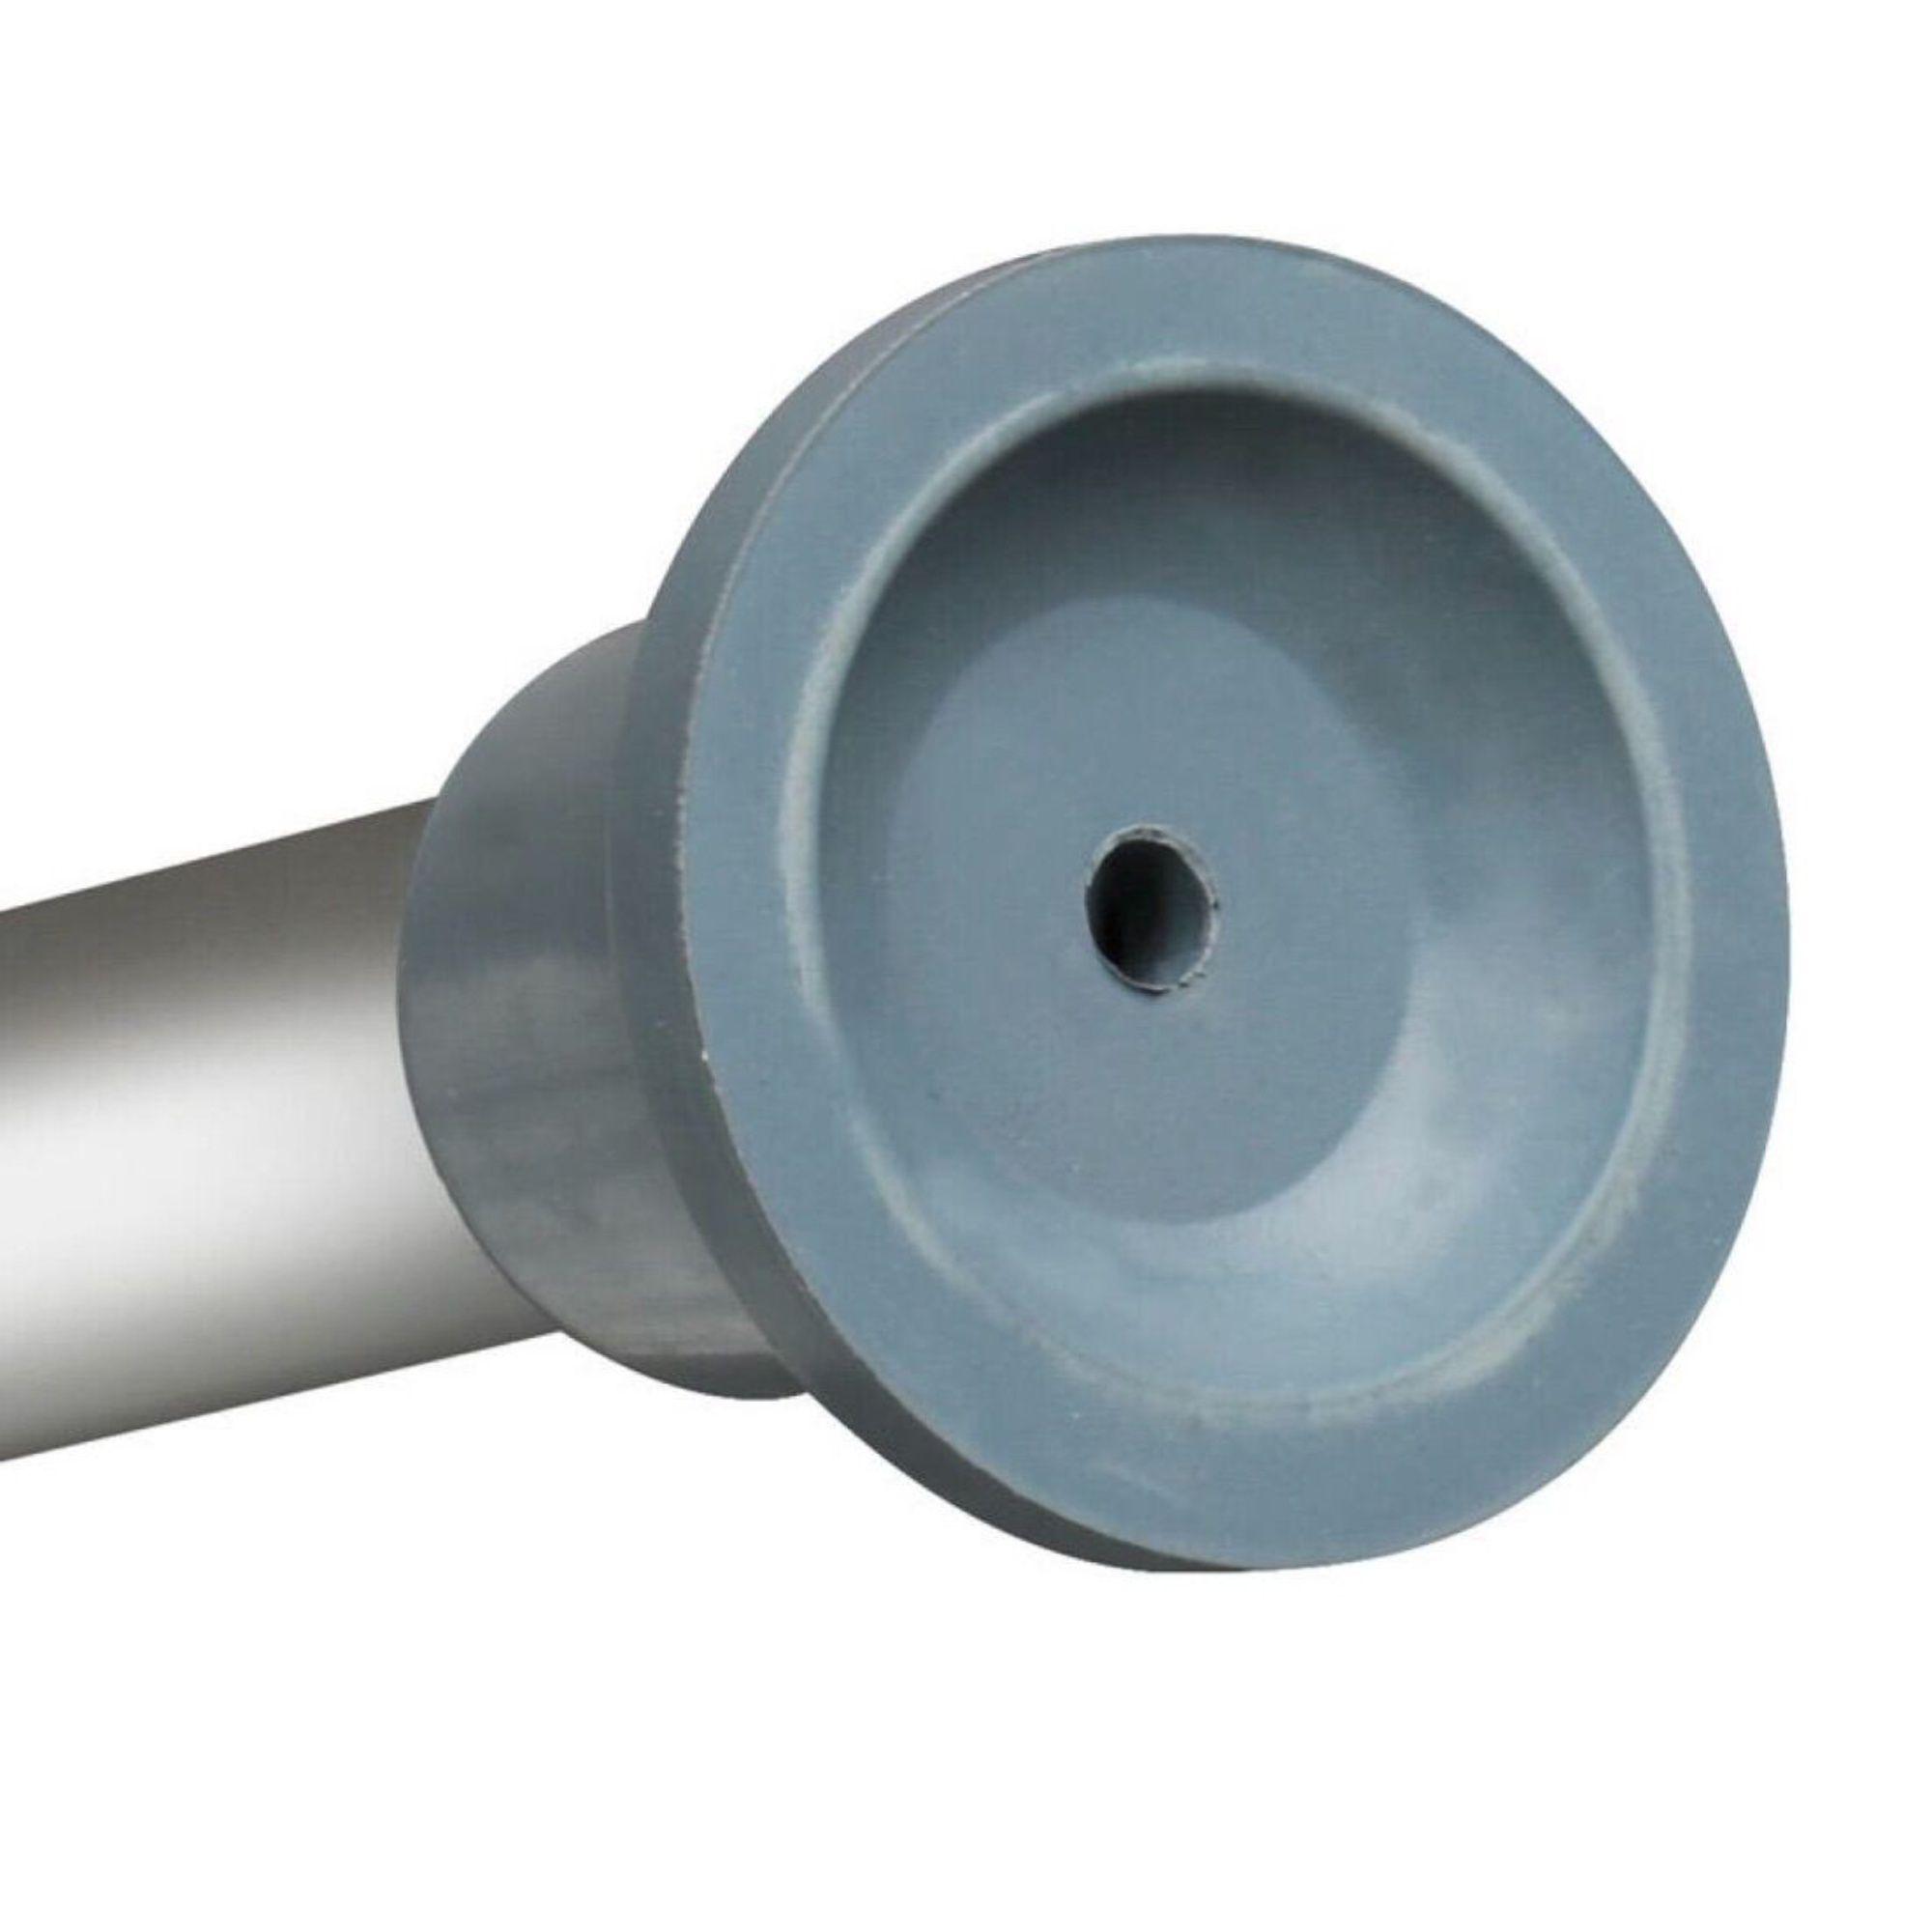 Banco de banho em alumínio ZIMEDICAL FST5301